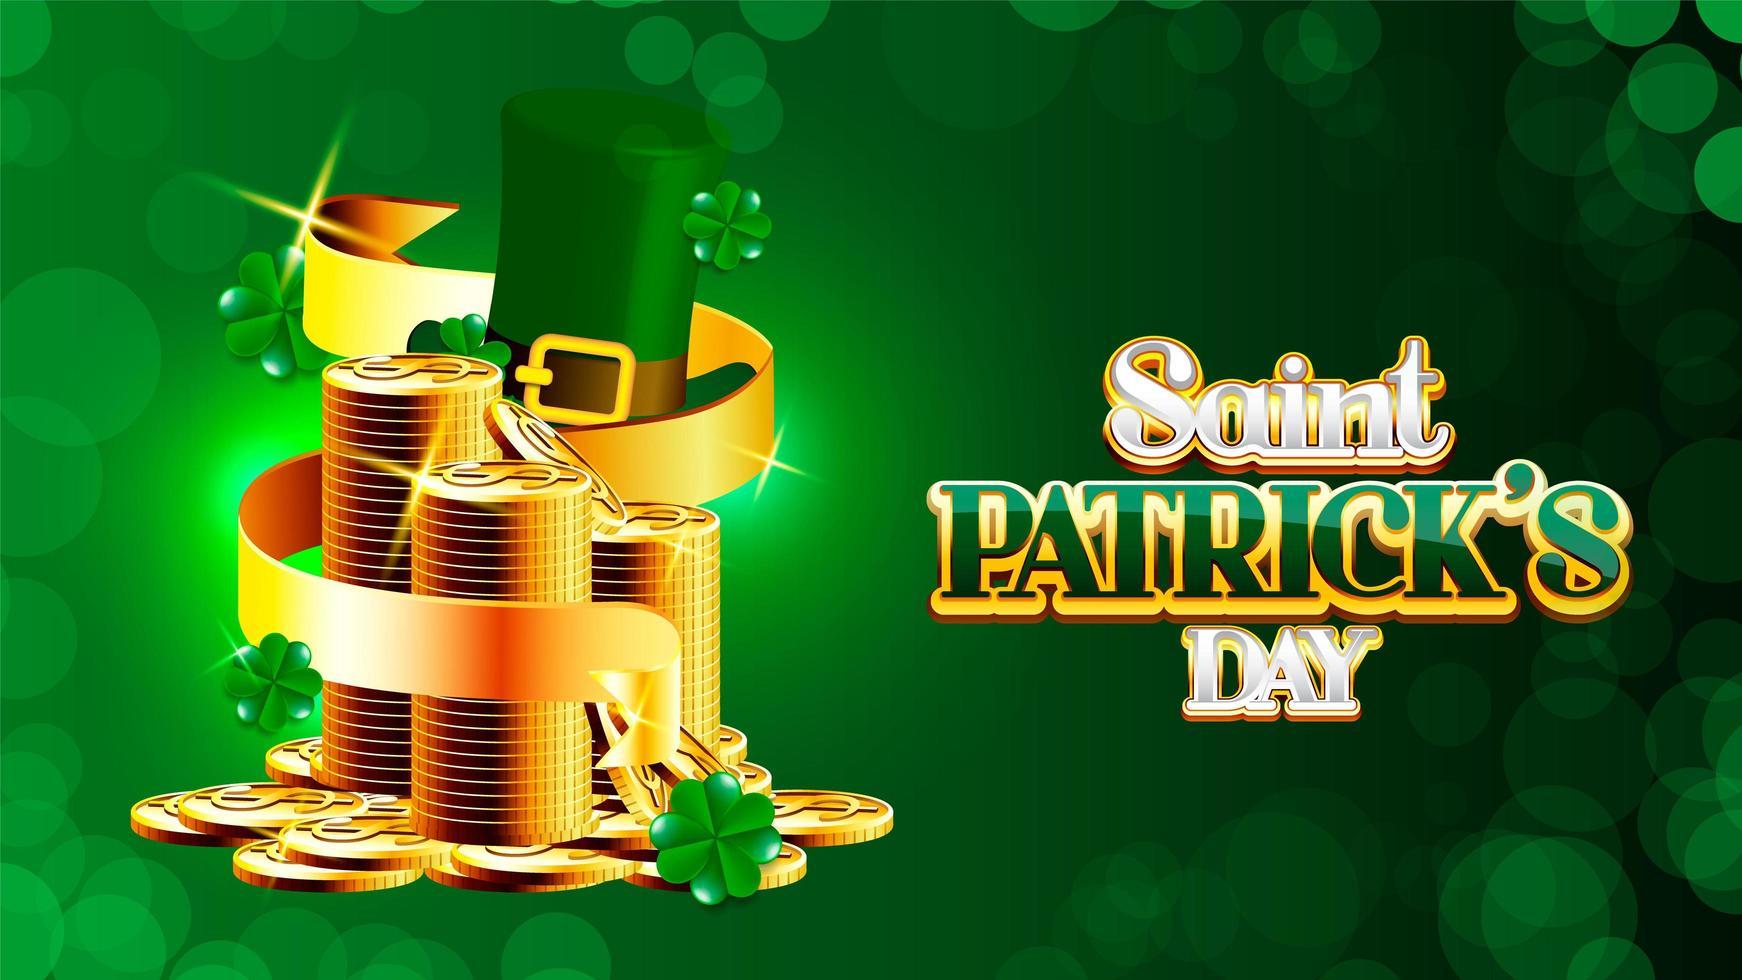 St. Patrick's Day Poster mit Schleife um Münzen gewickelt vektor